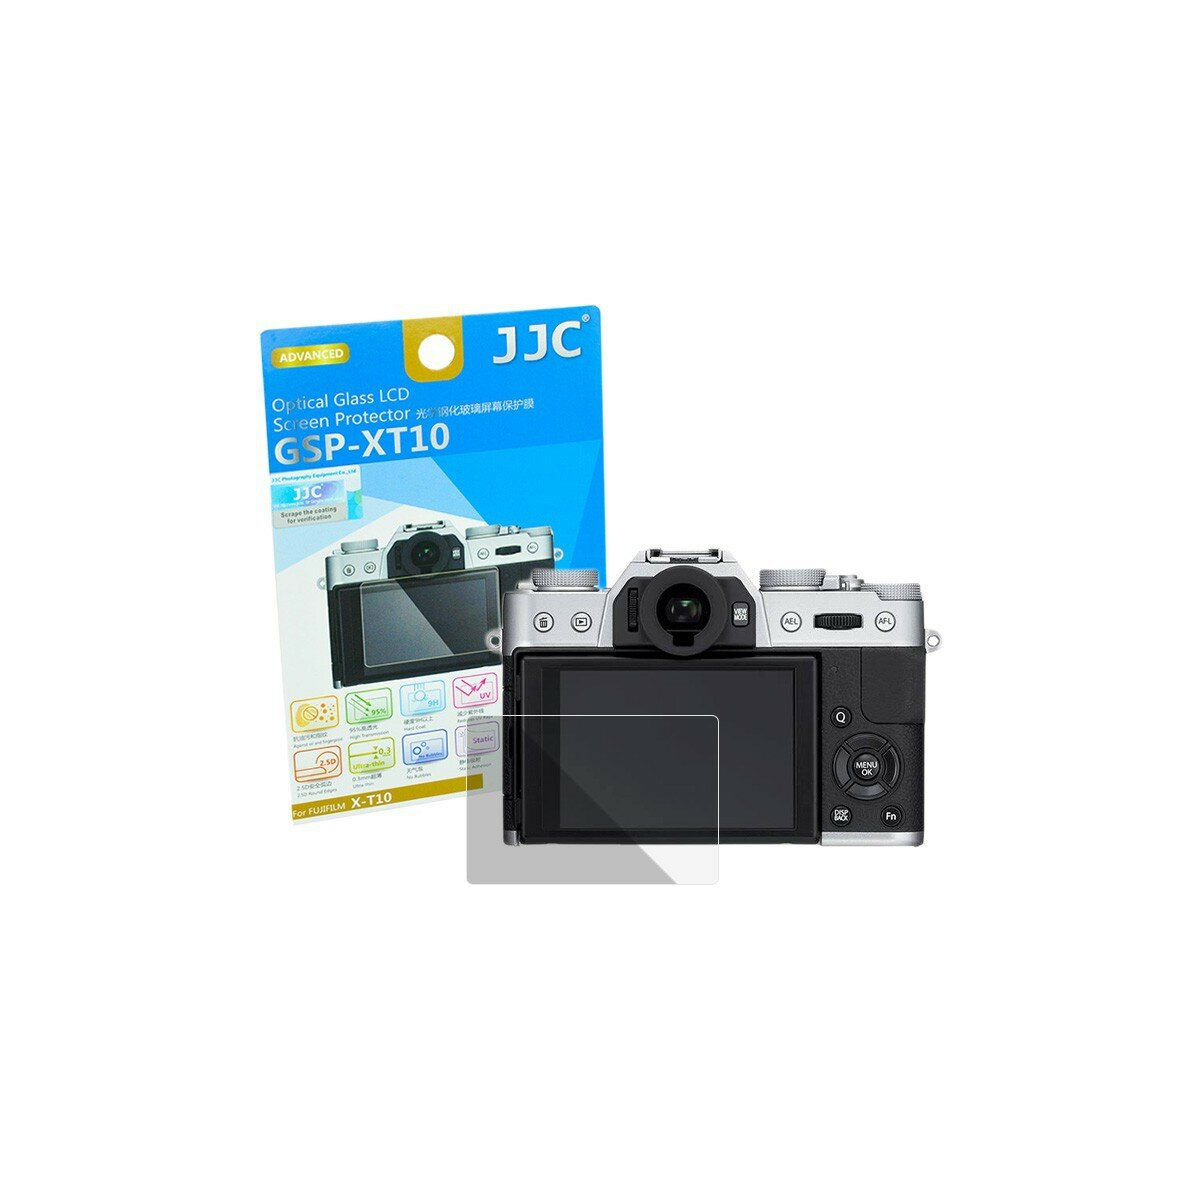 Hochwertiger Displayschutz Screen Protector aus gehaertetem Echtglas, kompatibel mit Fujifilm X-T10, X-T20, X-T100, X-E3 - JJC GSP-XT10